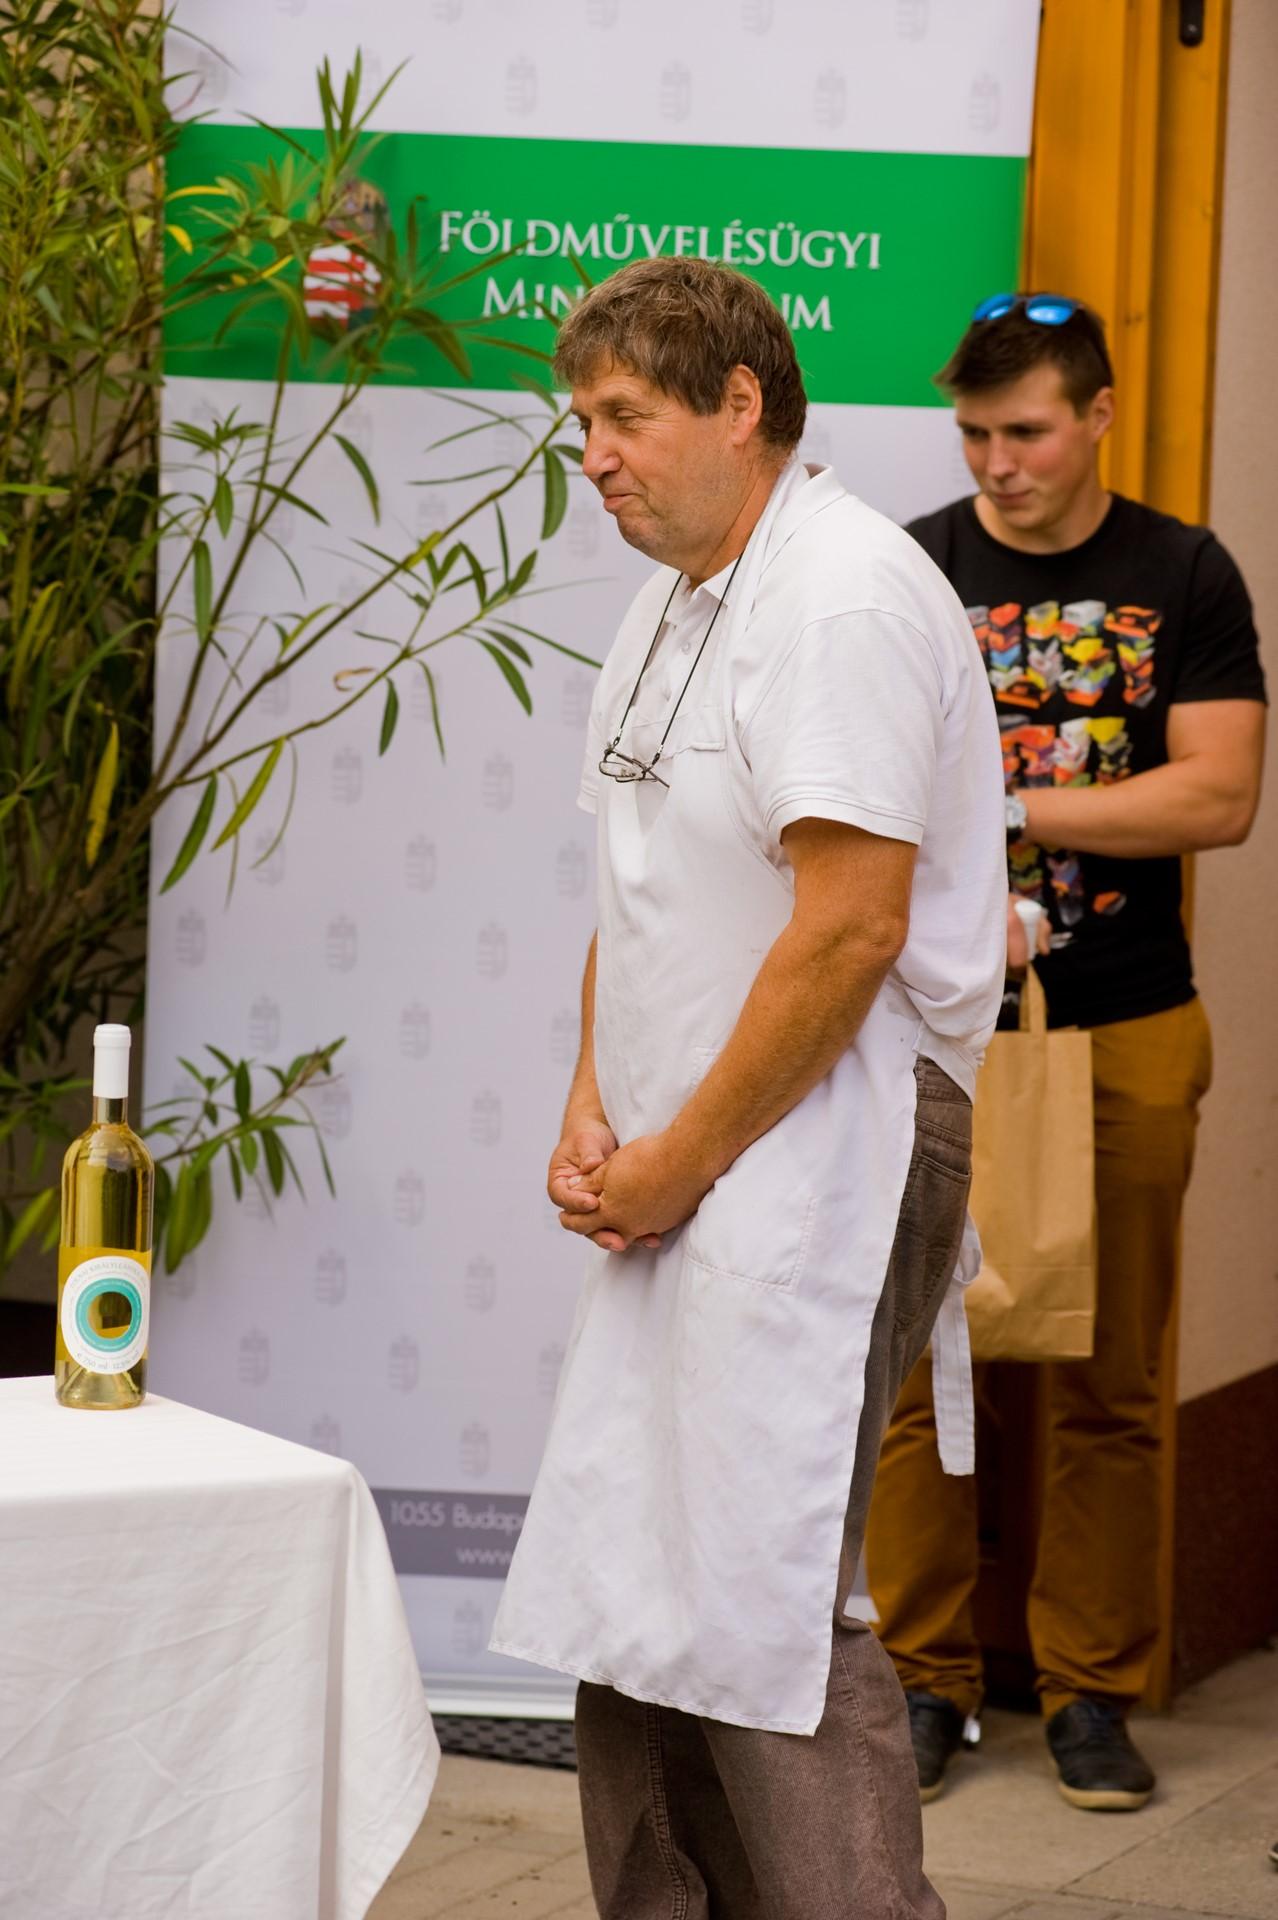 Különdíjban részesült Kiss Ferenc a sajtmesterek képzésében végzett munkájáért